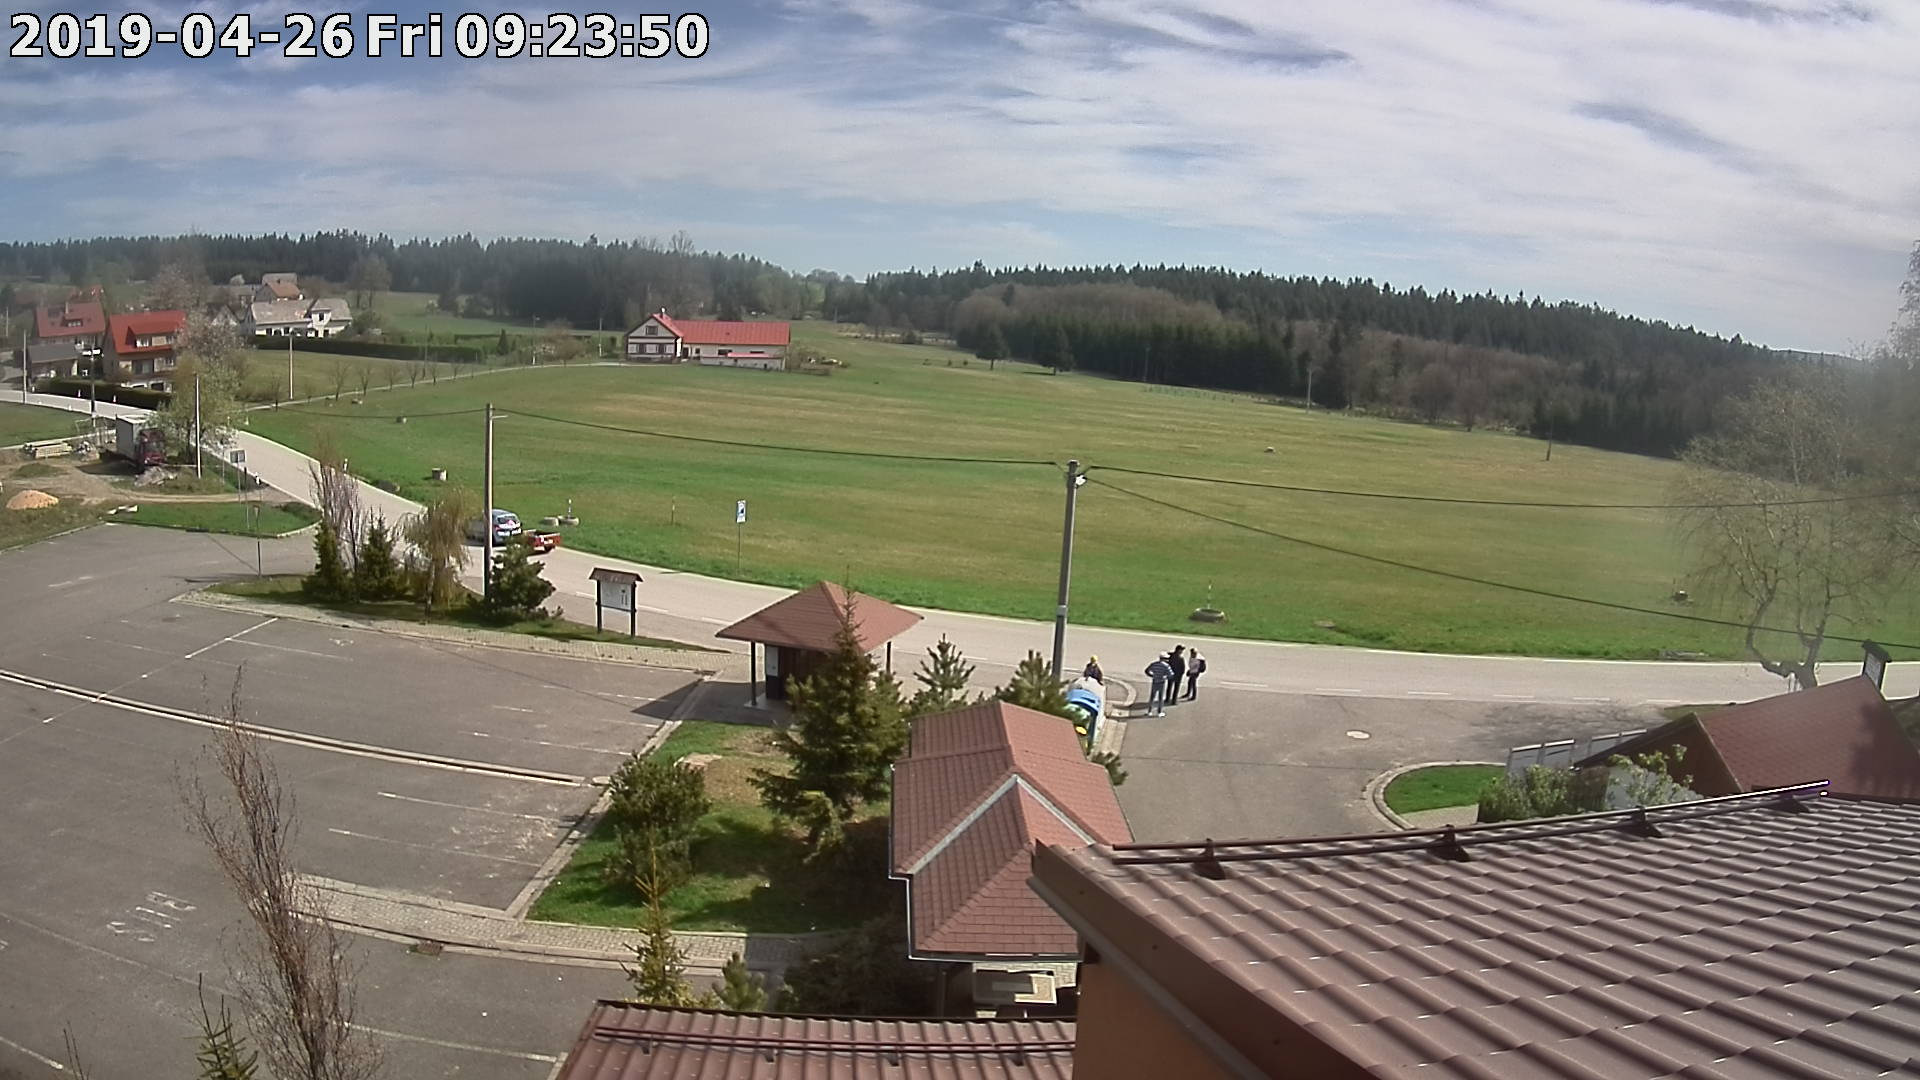 Webkamera ze dne 2019-04-26